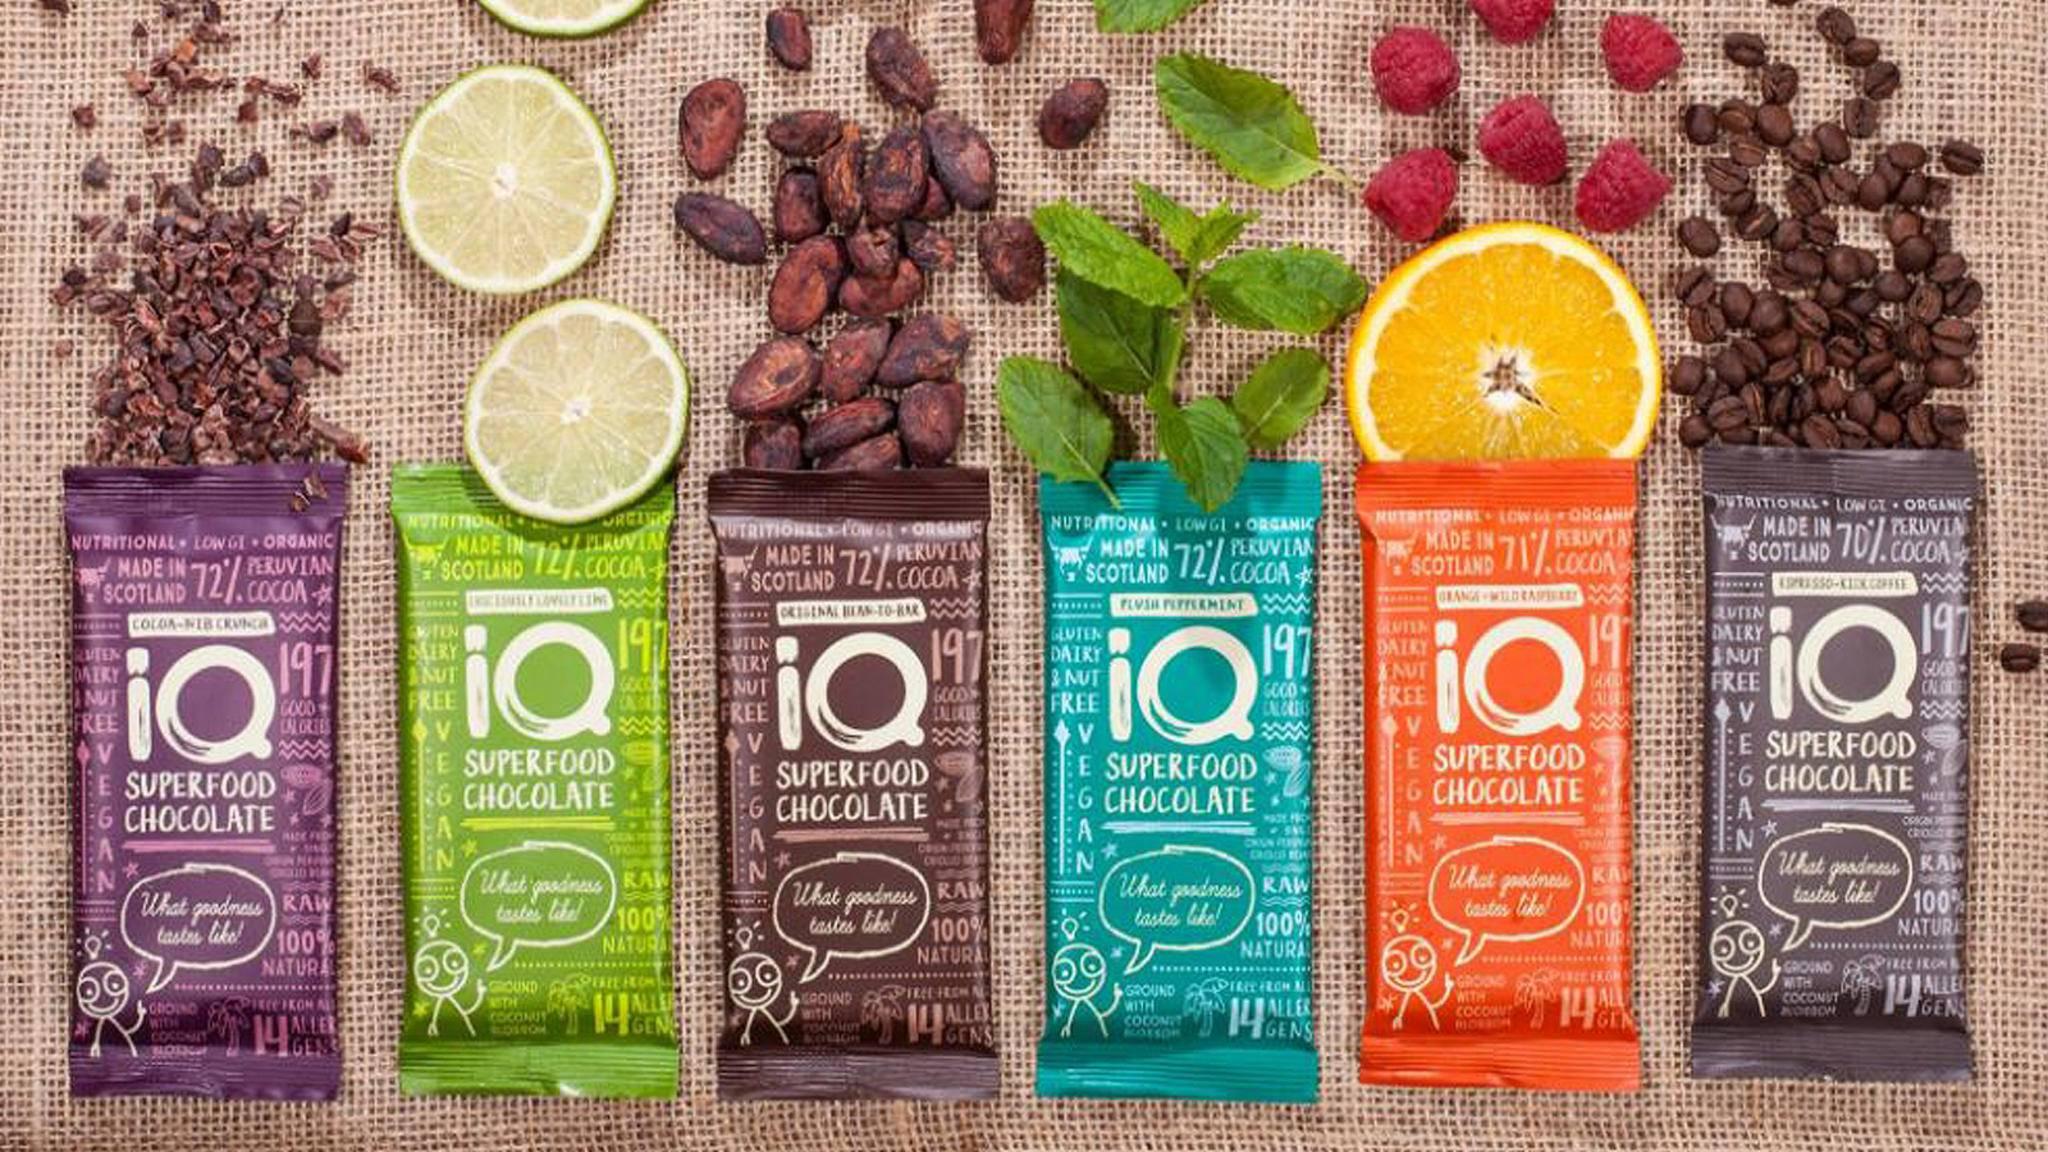 Schokolade als Superfood? Ein britisches Start-up macht's möglich.